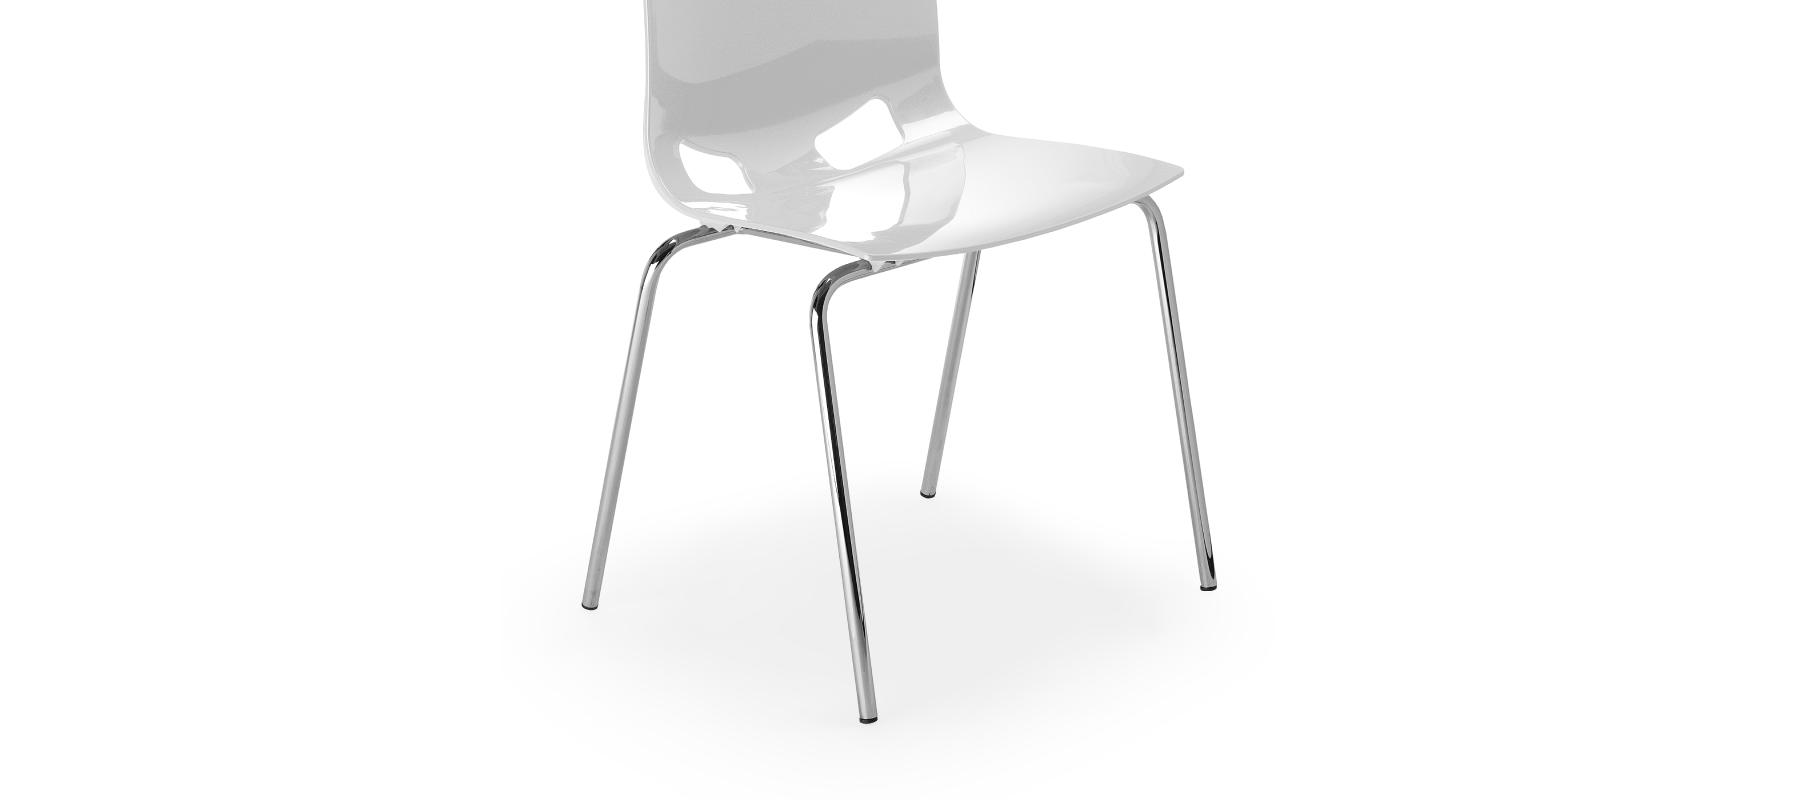 krzesła stacjonarne fondo detale - 03